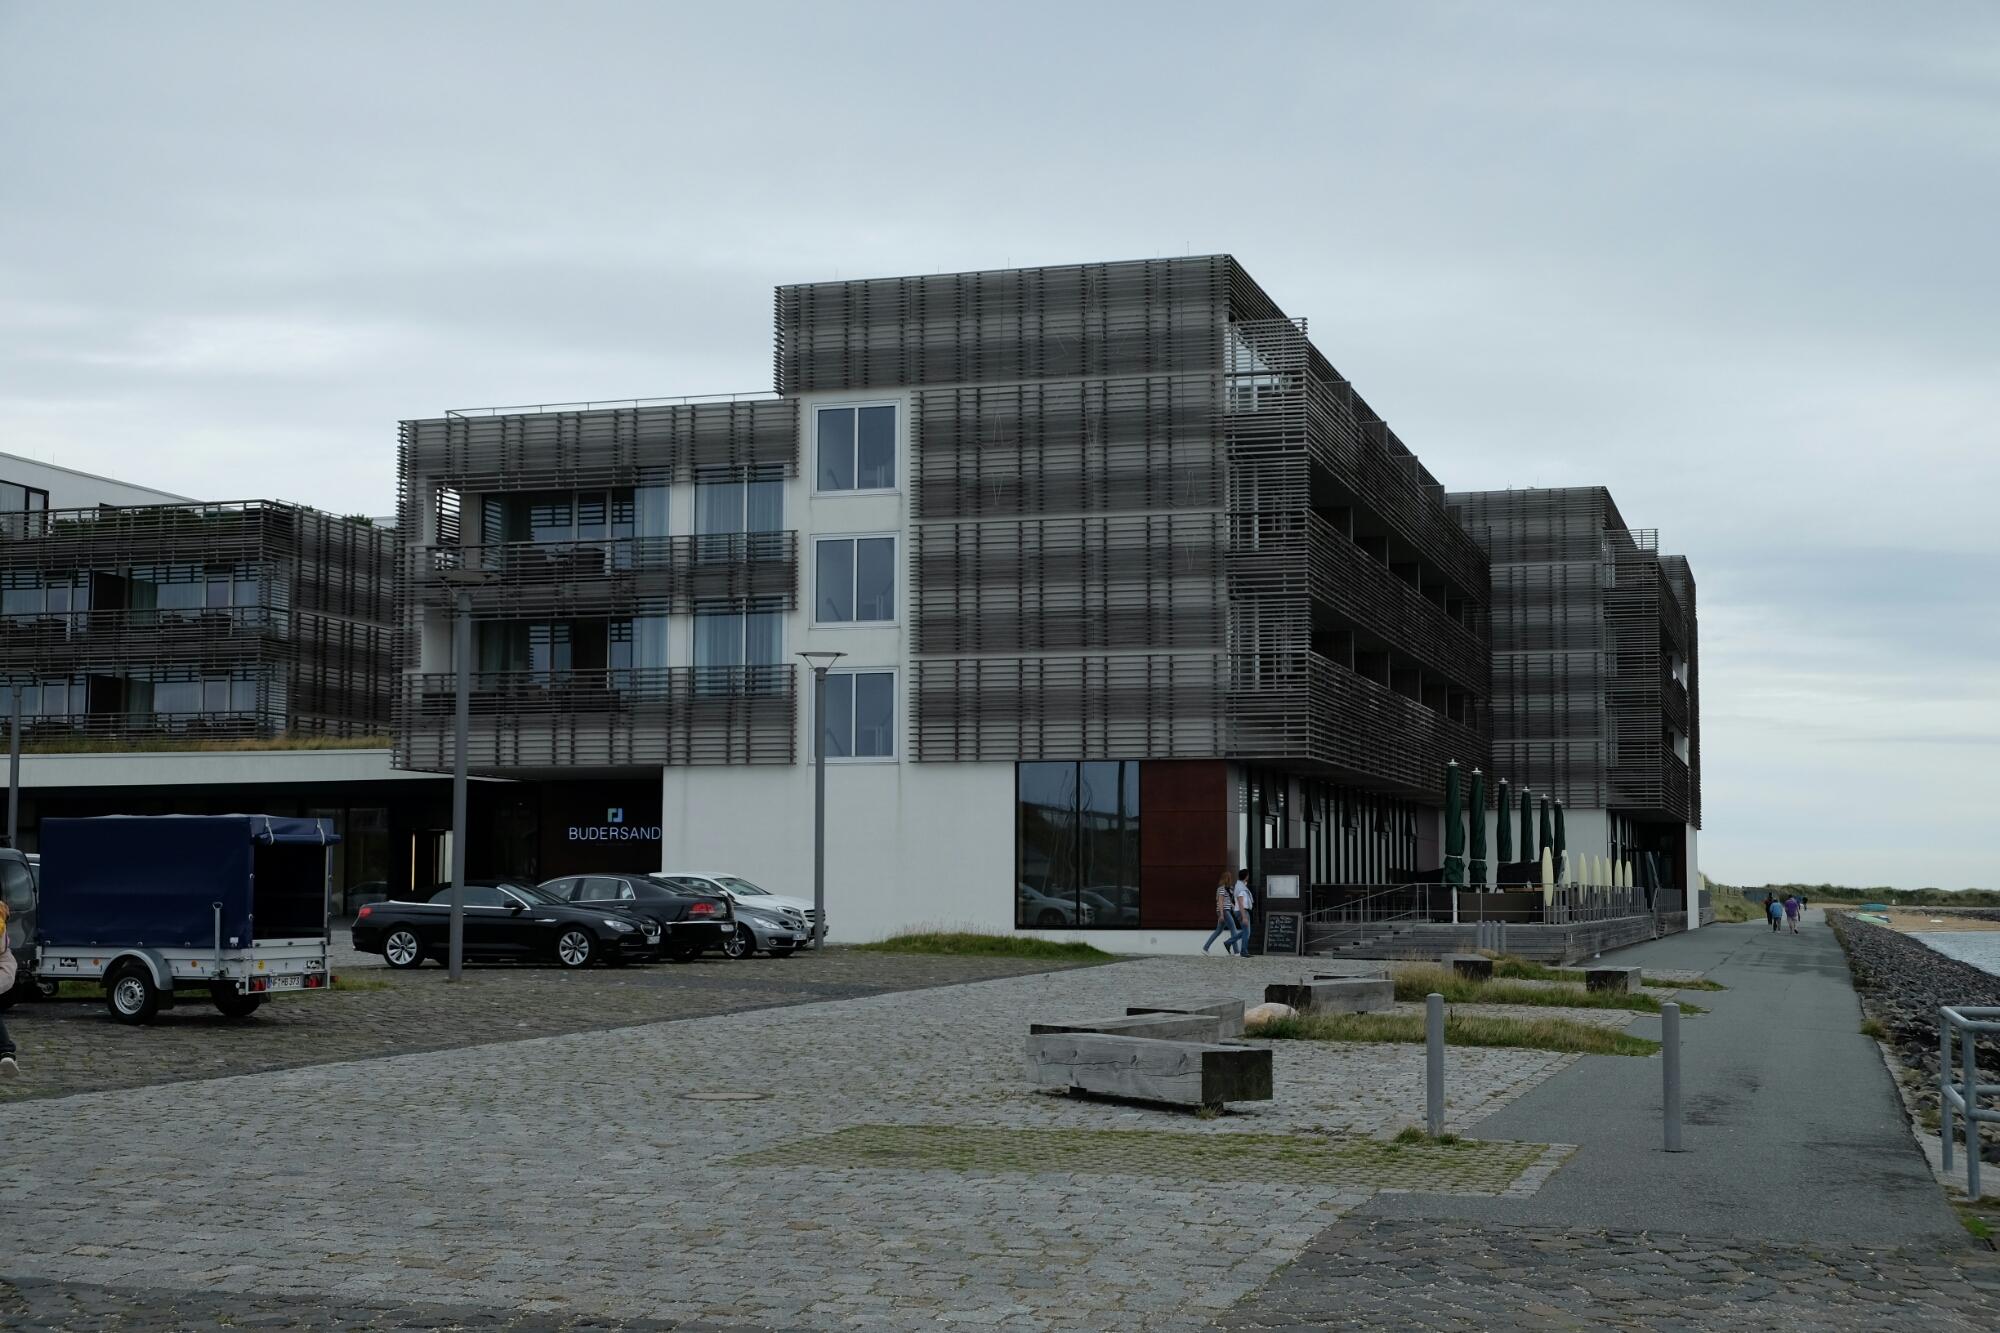 Hotel Budersand (Hörnum, Sylt)